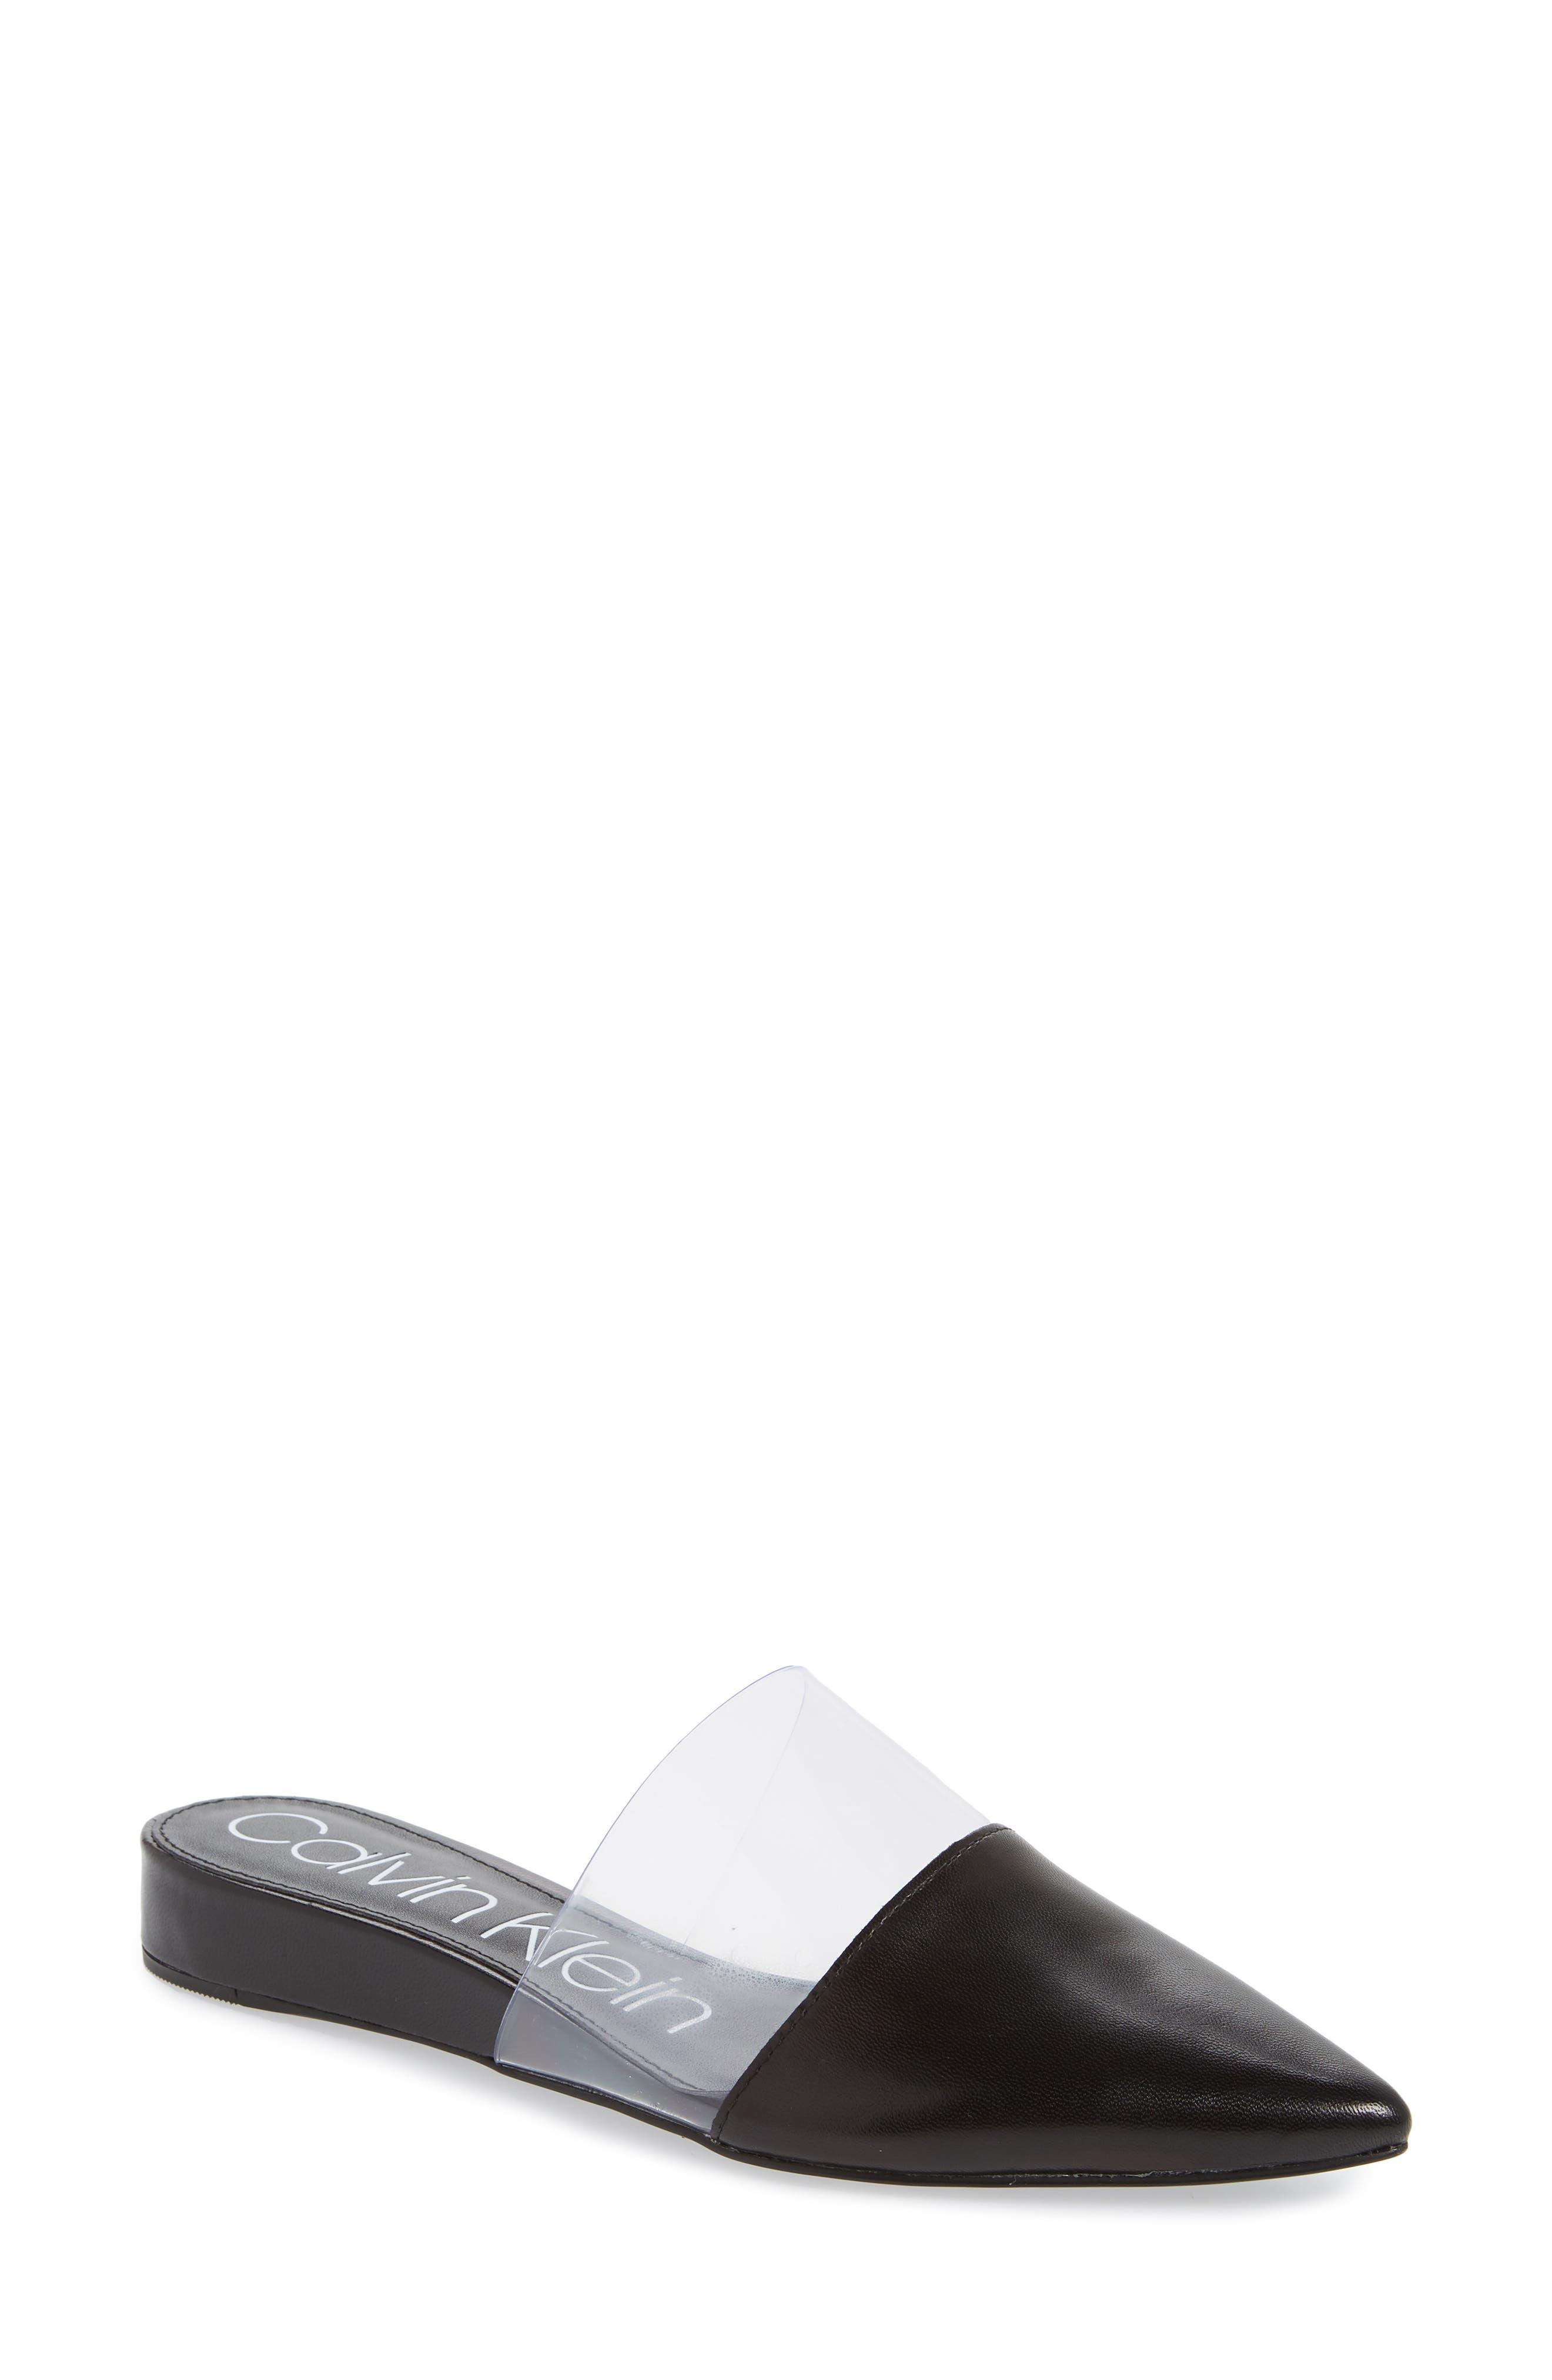 Calvin Klein Charmone Mule- Black